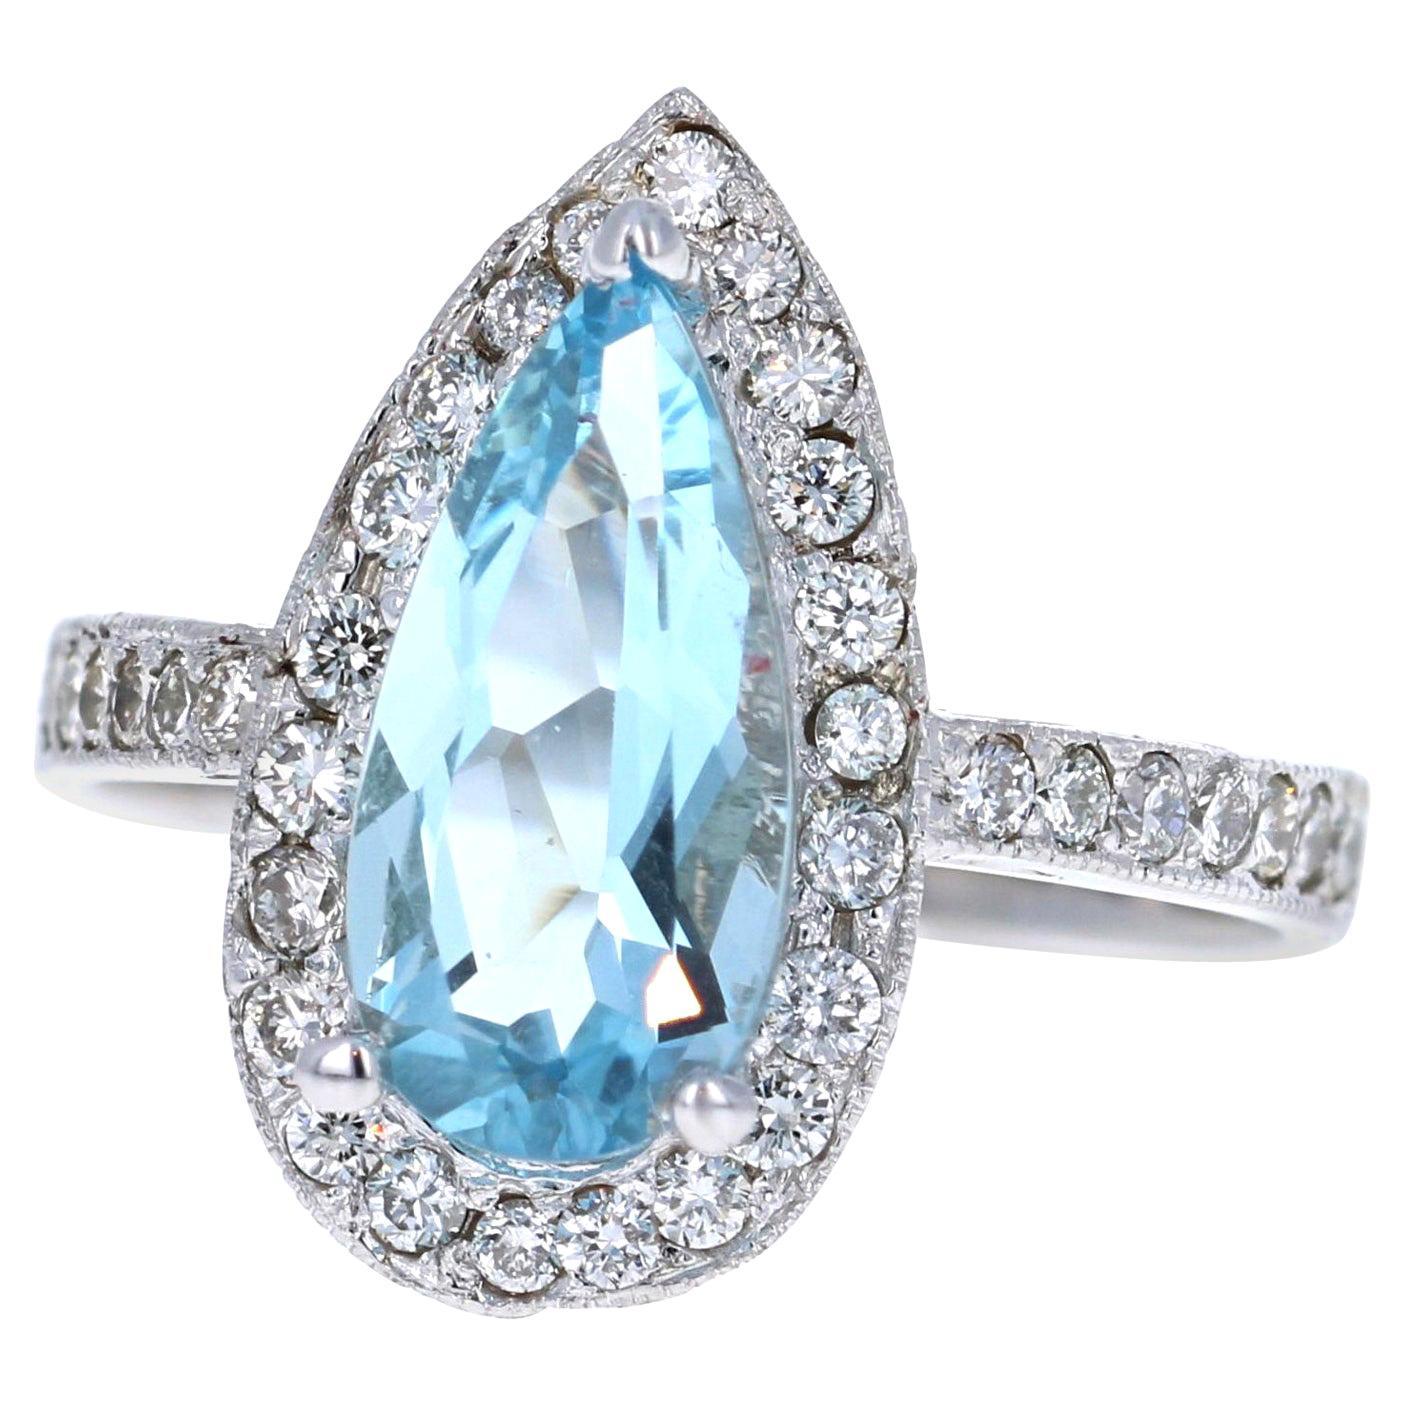 DGI Bridal Rings